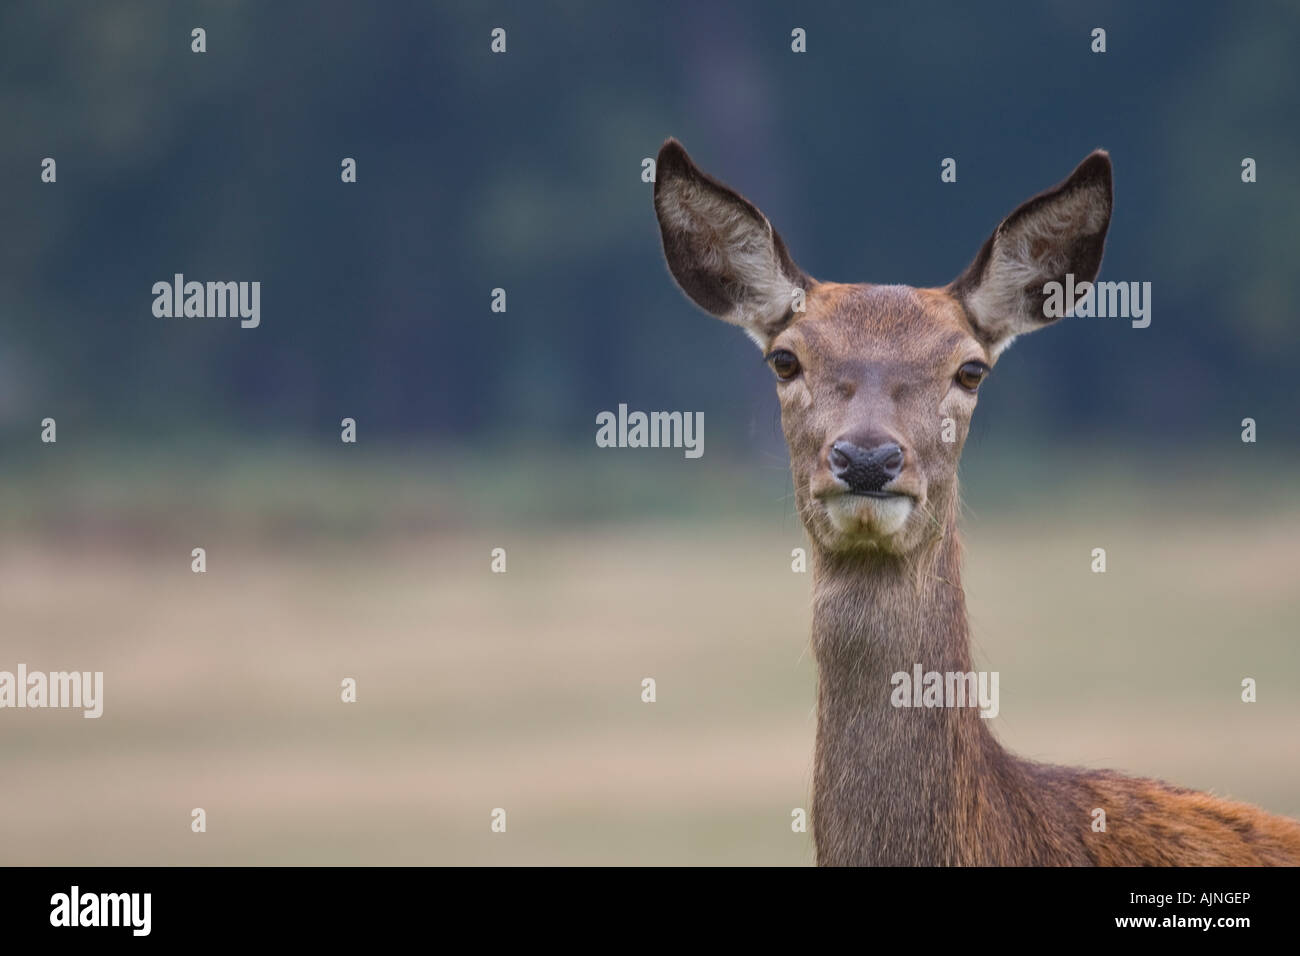 Rosso Cervo femmina Richmond Park Londra Inghilterra REGNO UNITO Immagini Stock